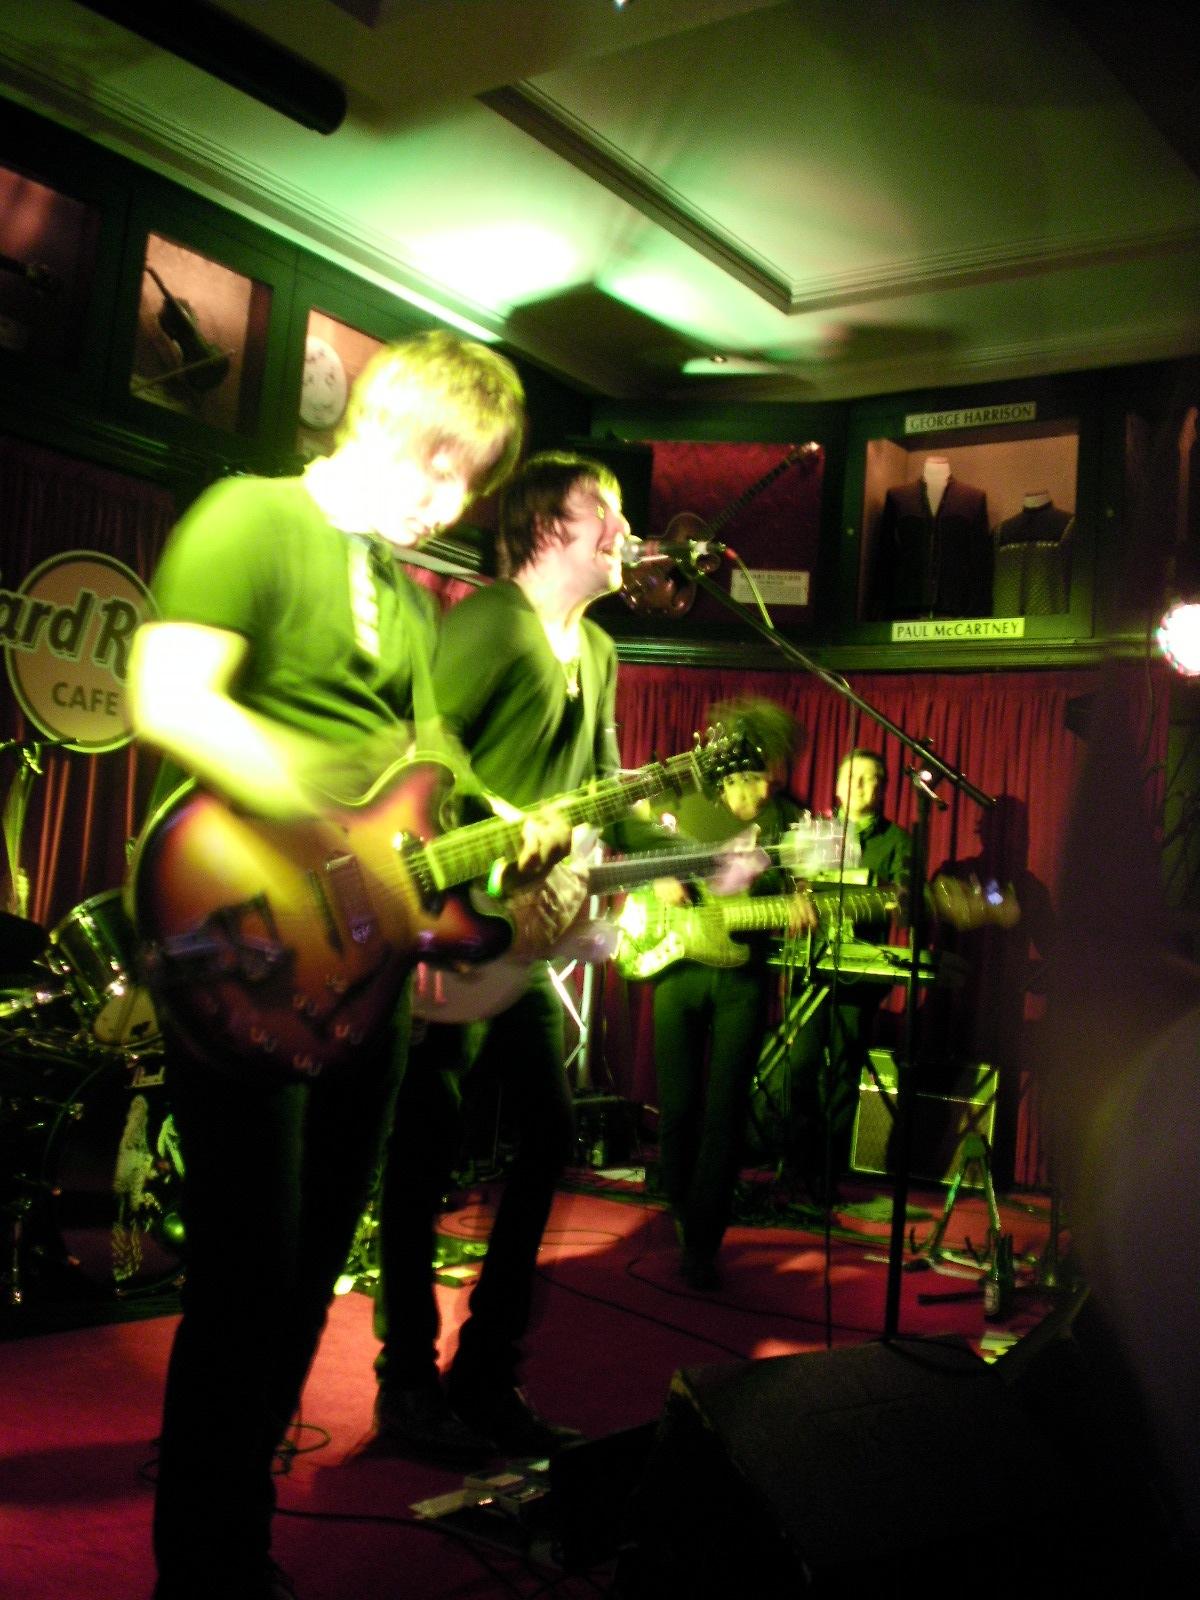 Hard Rock Cafe Near Buckingham Palace